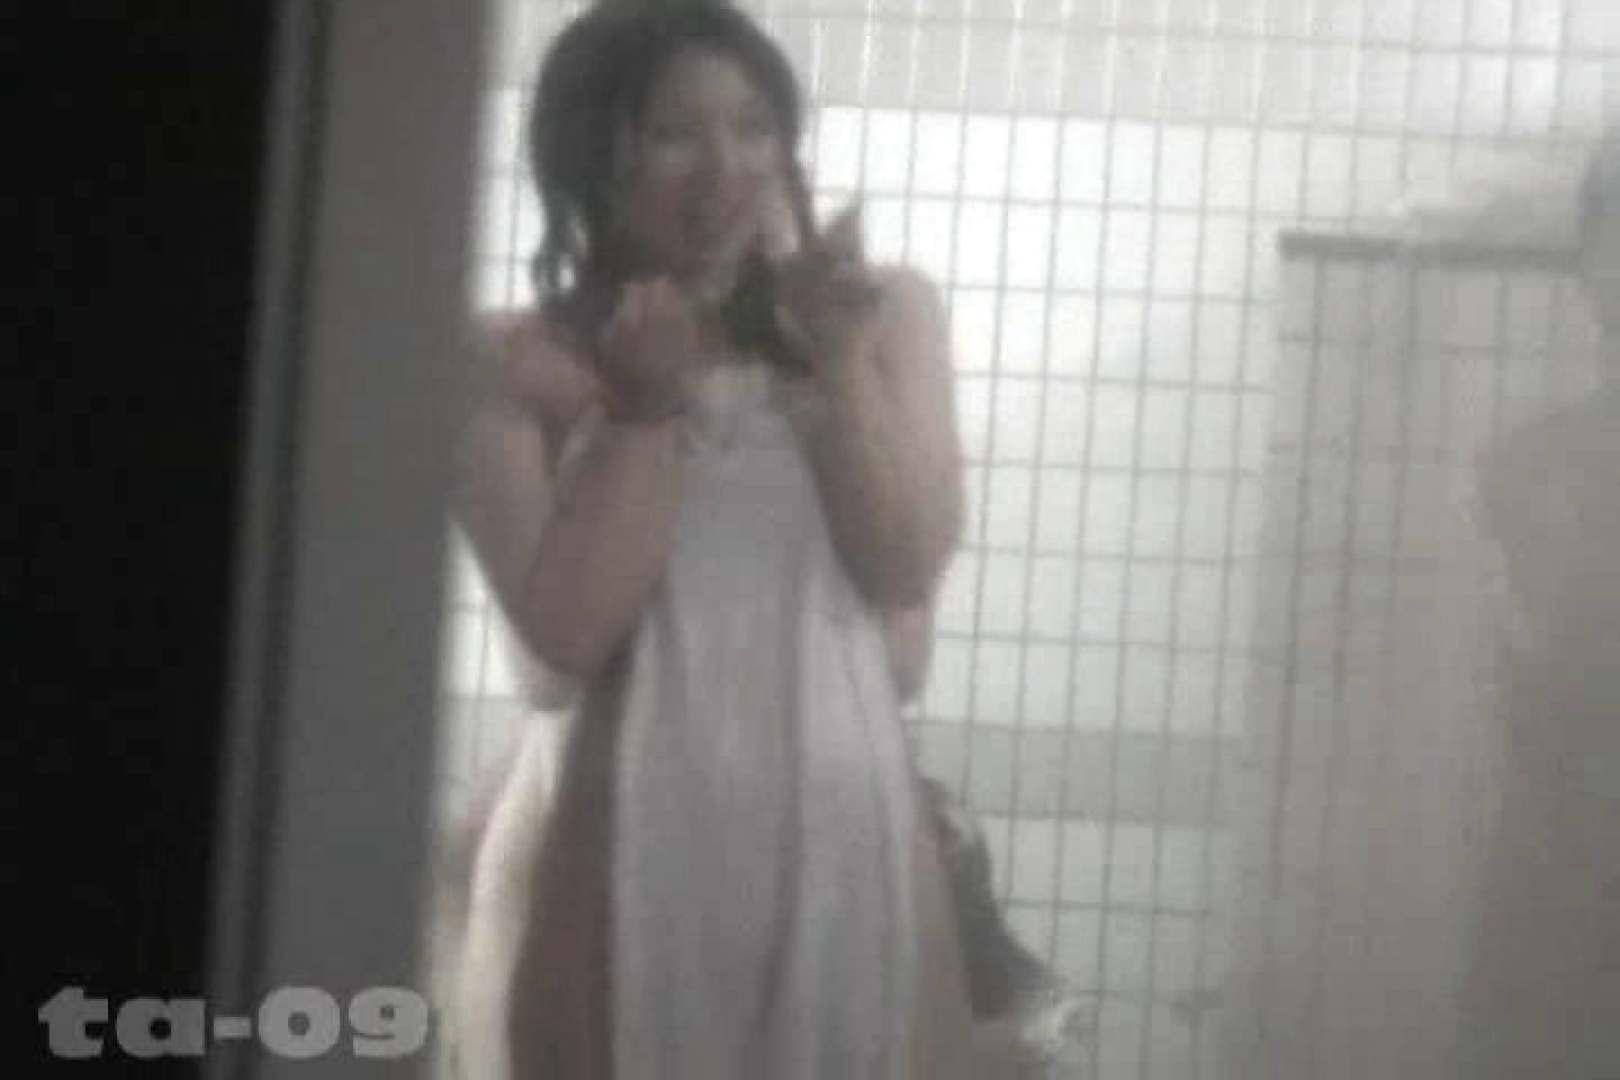 合宿ホテル女風呂盗撮高画質版 Vol.09 盗撮編 すけべAV動画紹介 96枚 13